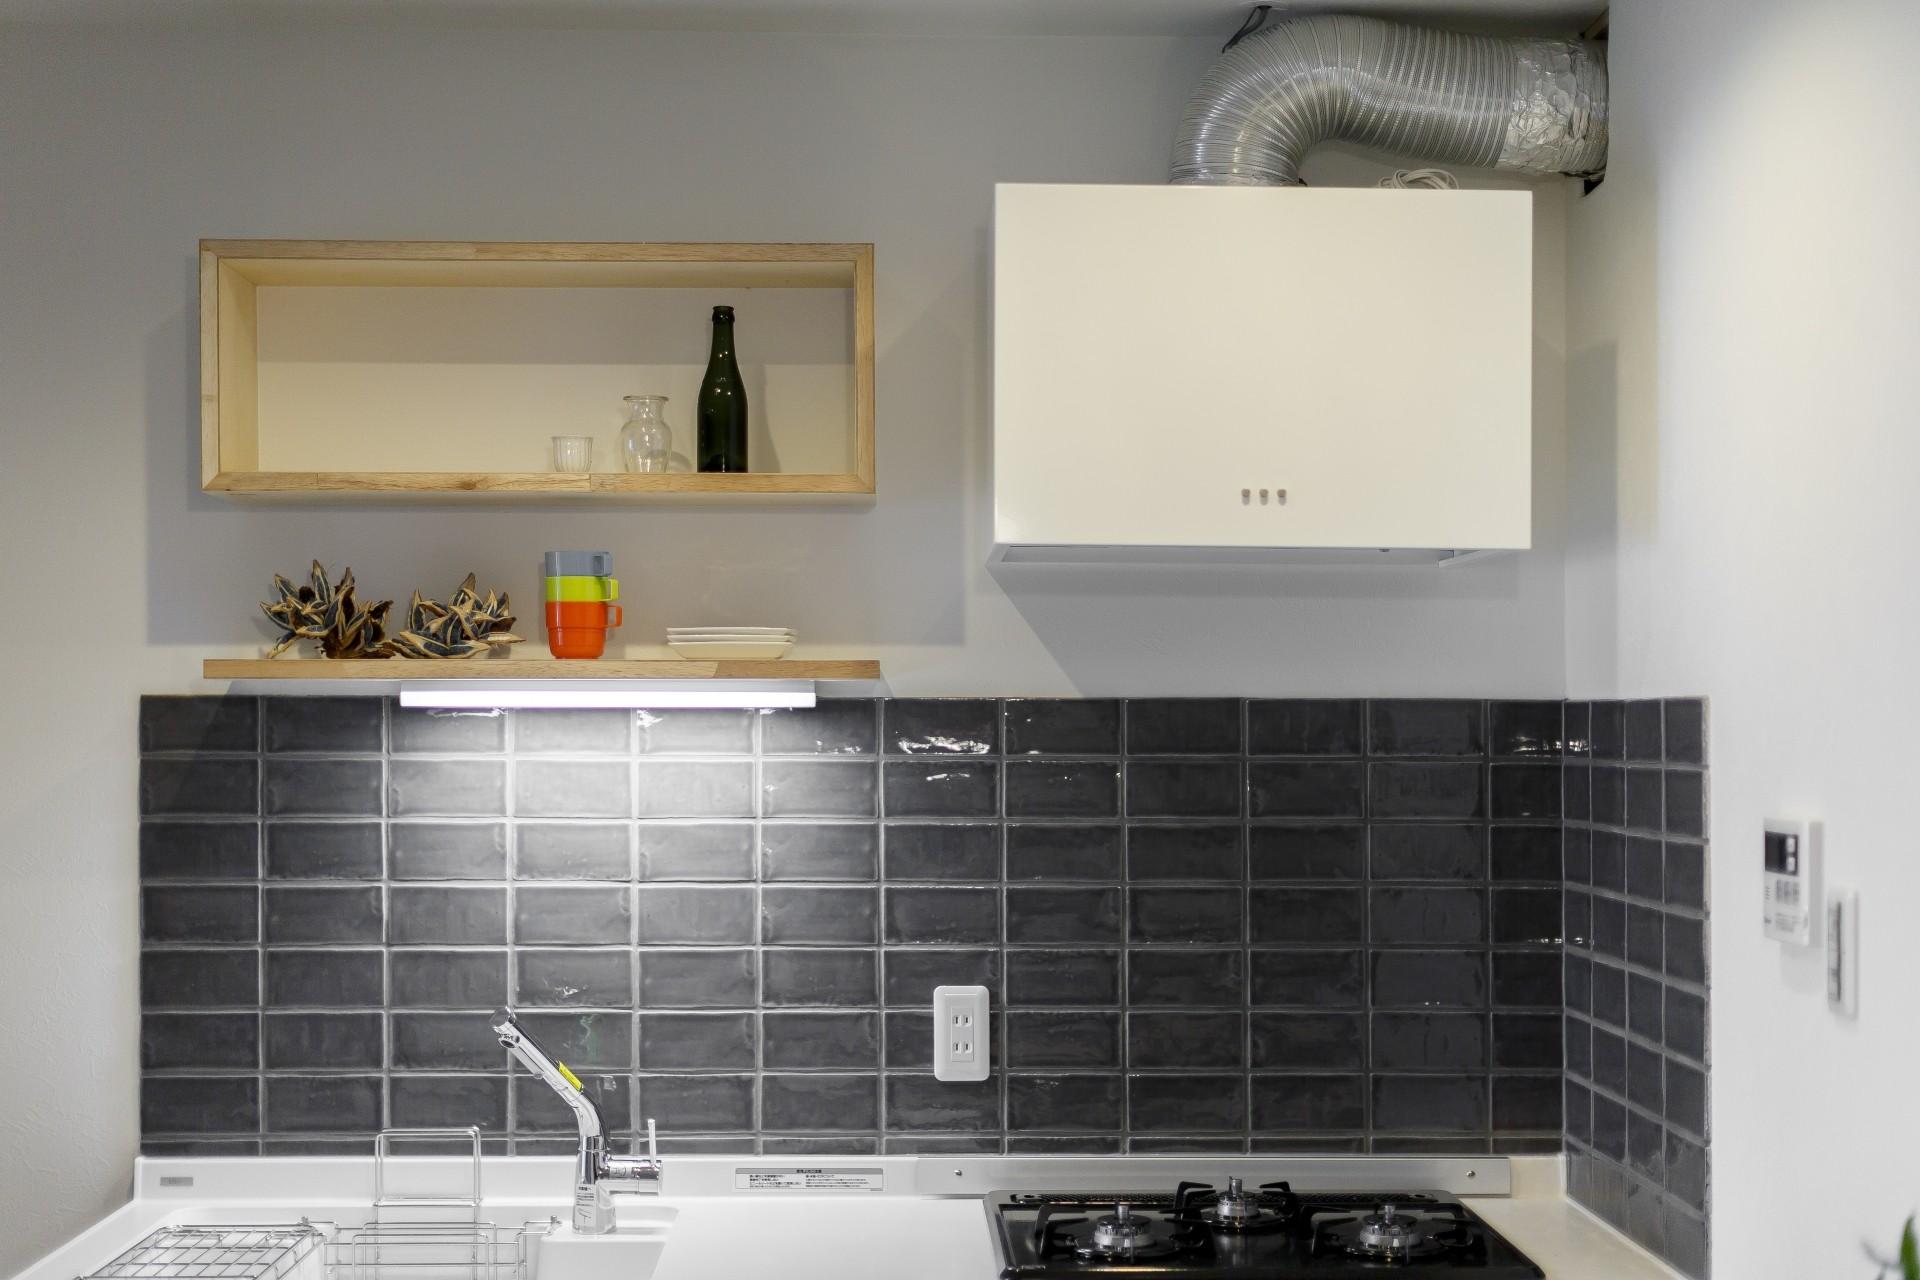 キッチン事例:コンパクトなキッチン(ファッションを楽しむご夫婦のための家)